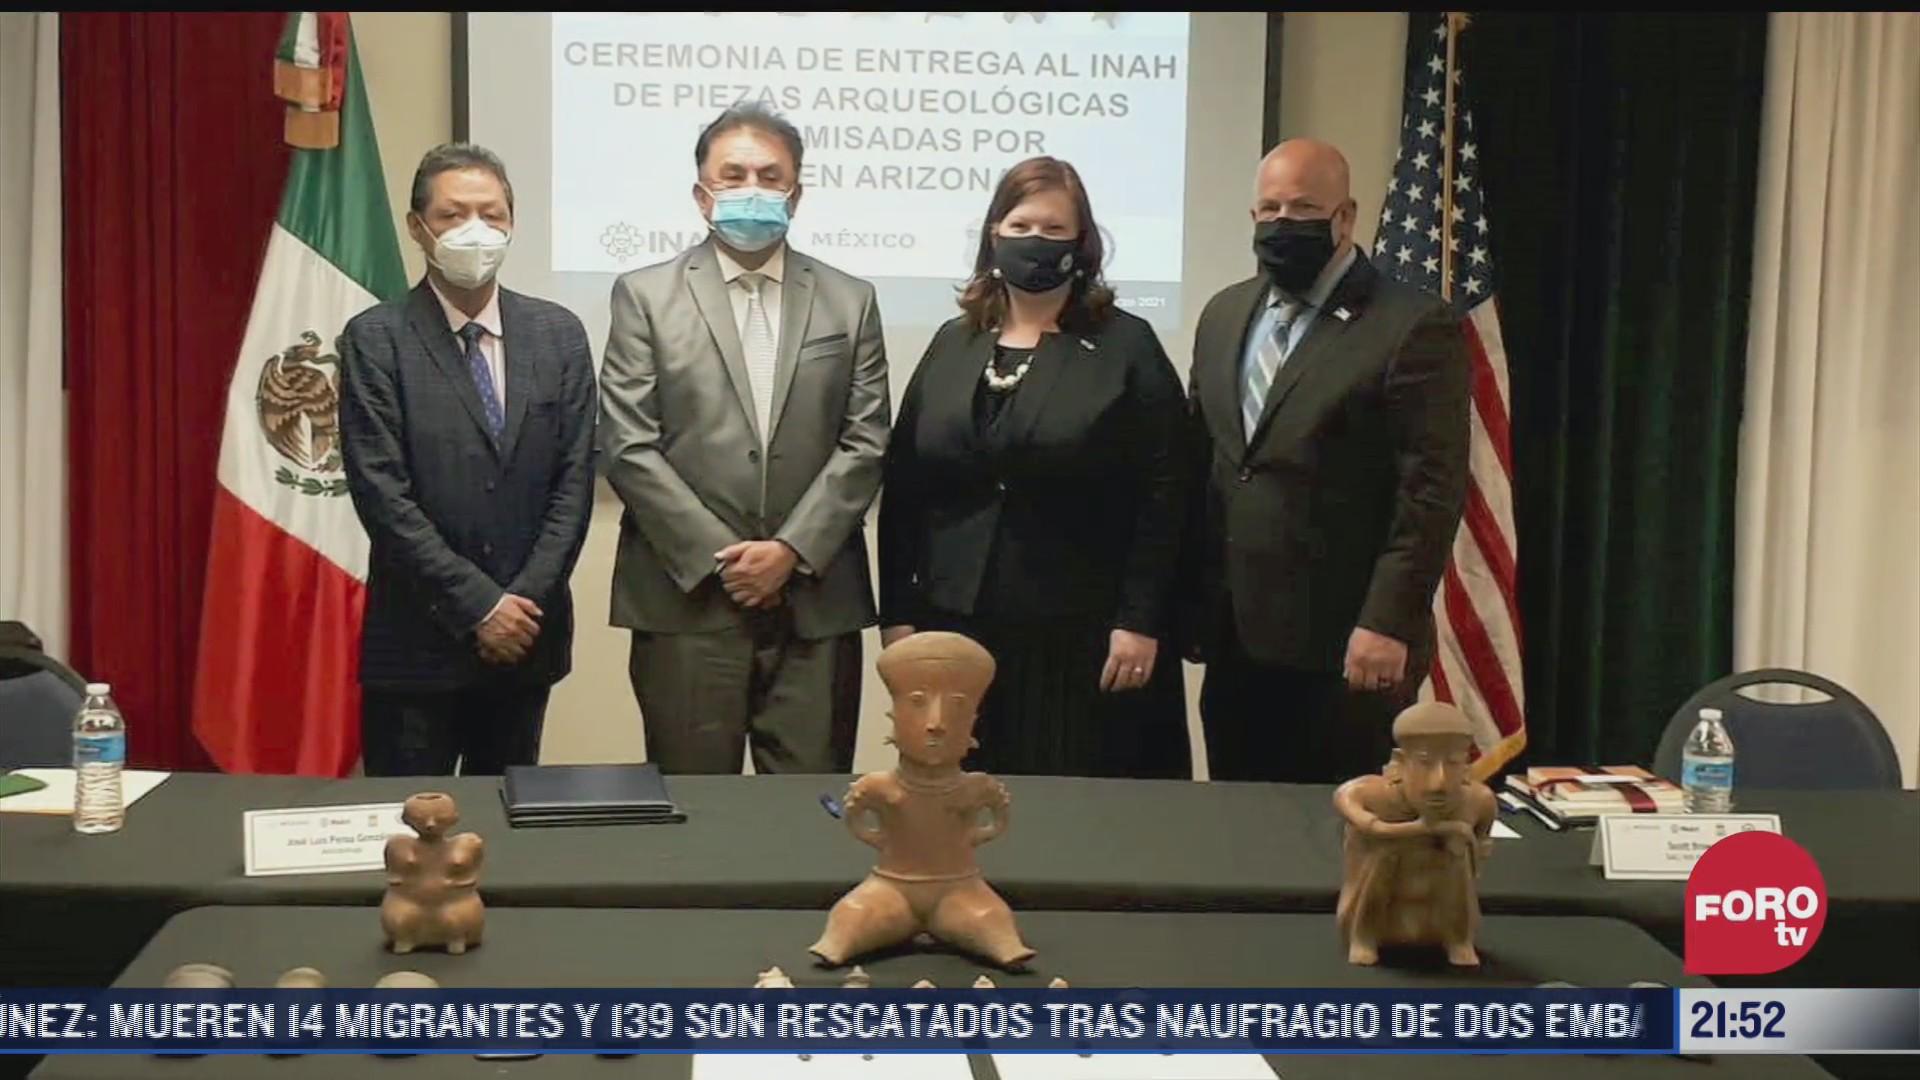 eeuu entrega 280 piezas arqueologicas a mexico